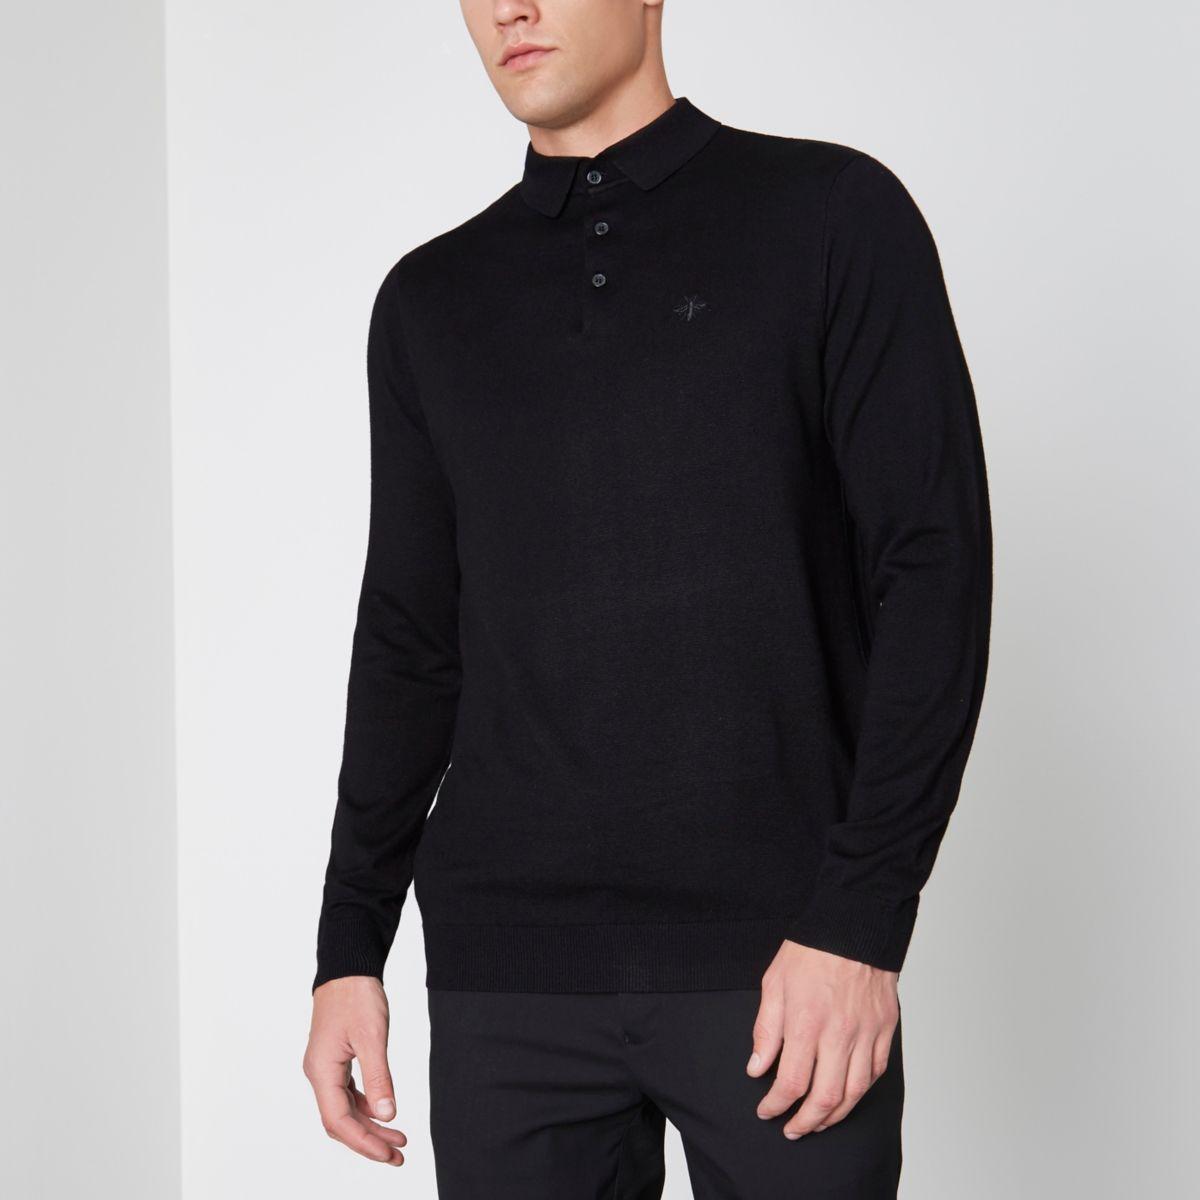 Schwarzes, langärmeliges Poloshirt in Slim Fit